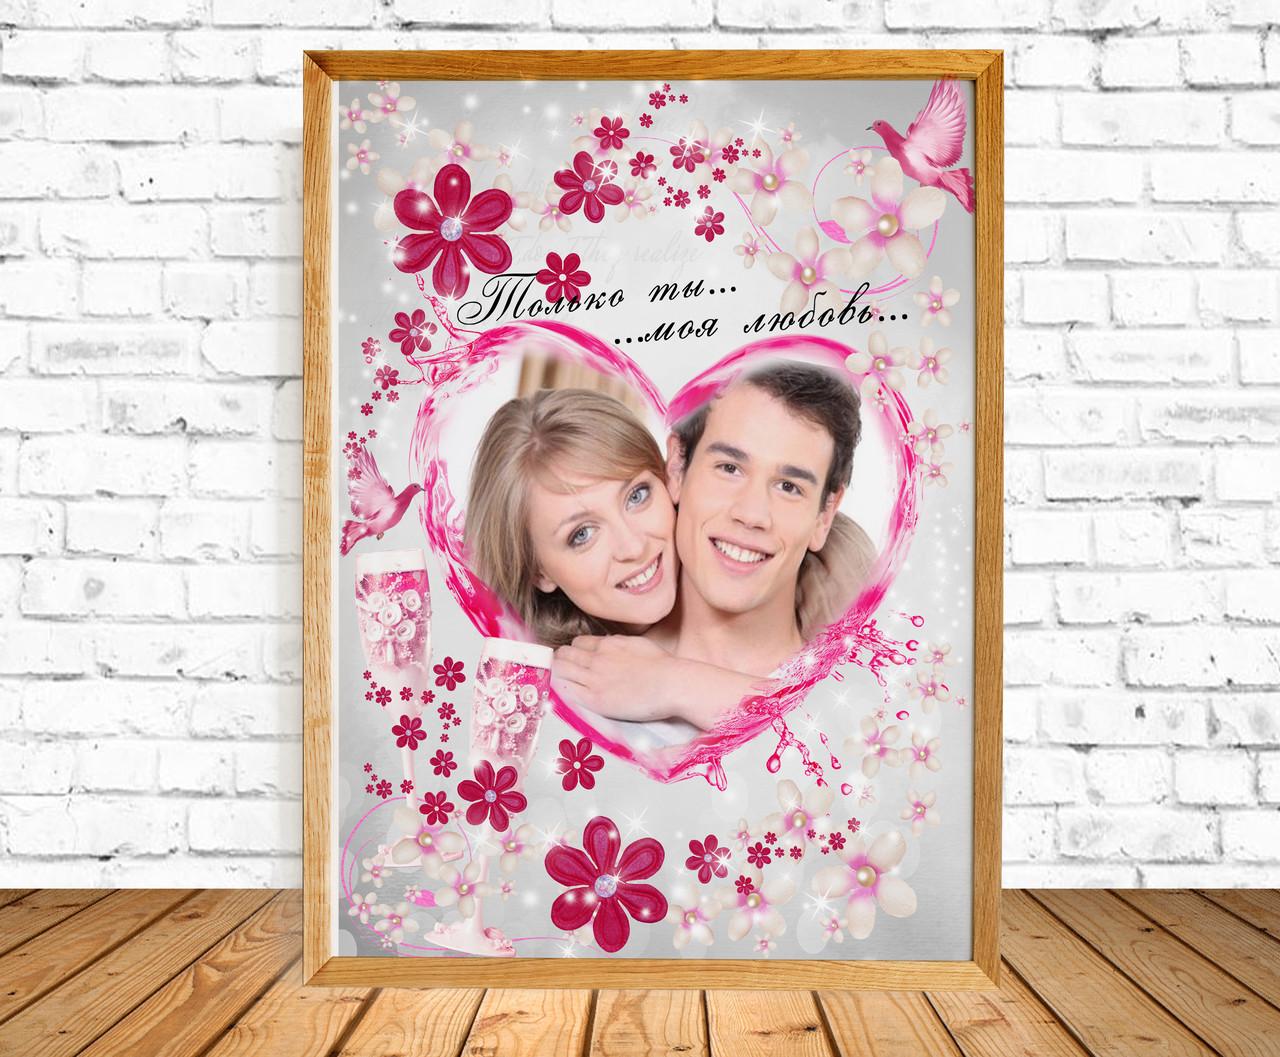 Друк фото на металі. Постер подарунок на річницю весілля, День Св. Валентина